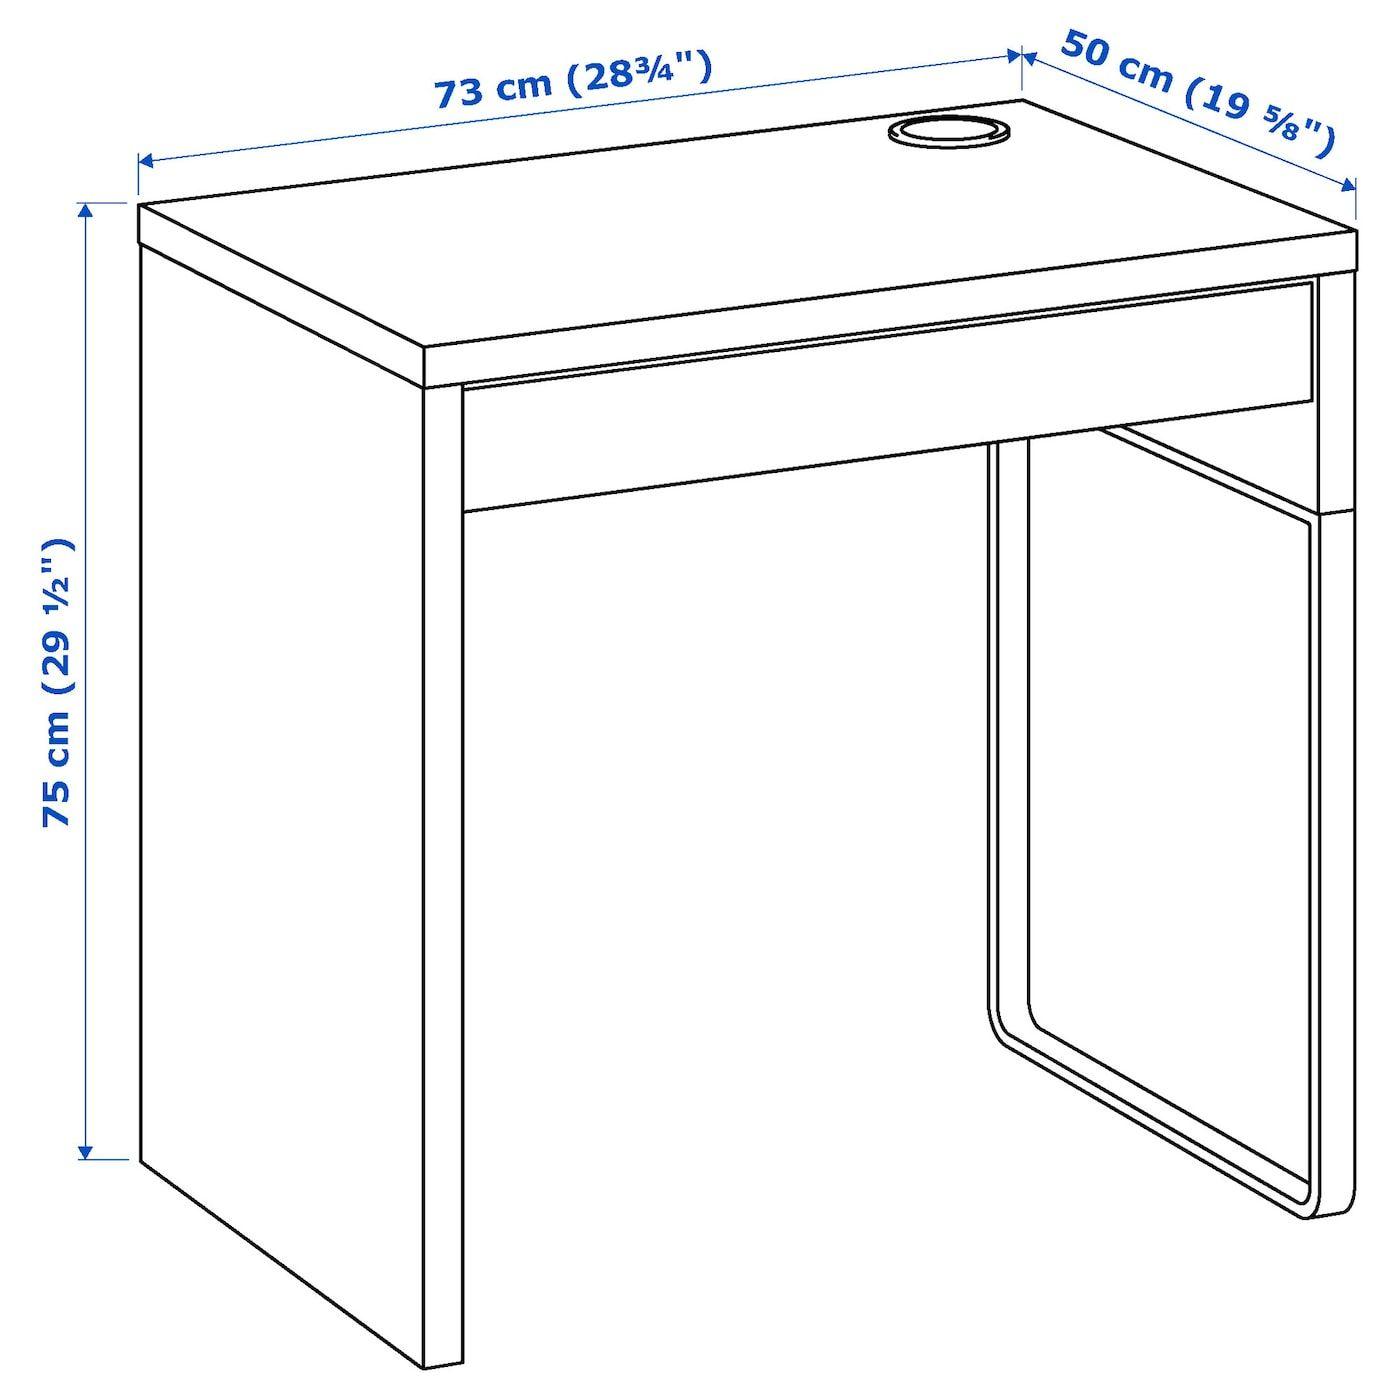 Micke Schreibtisch Weiss Ikea Osterreich In 2020 Micke Desk Ikea Micke Ikea Micke Desk